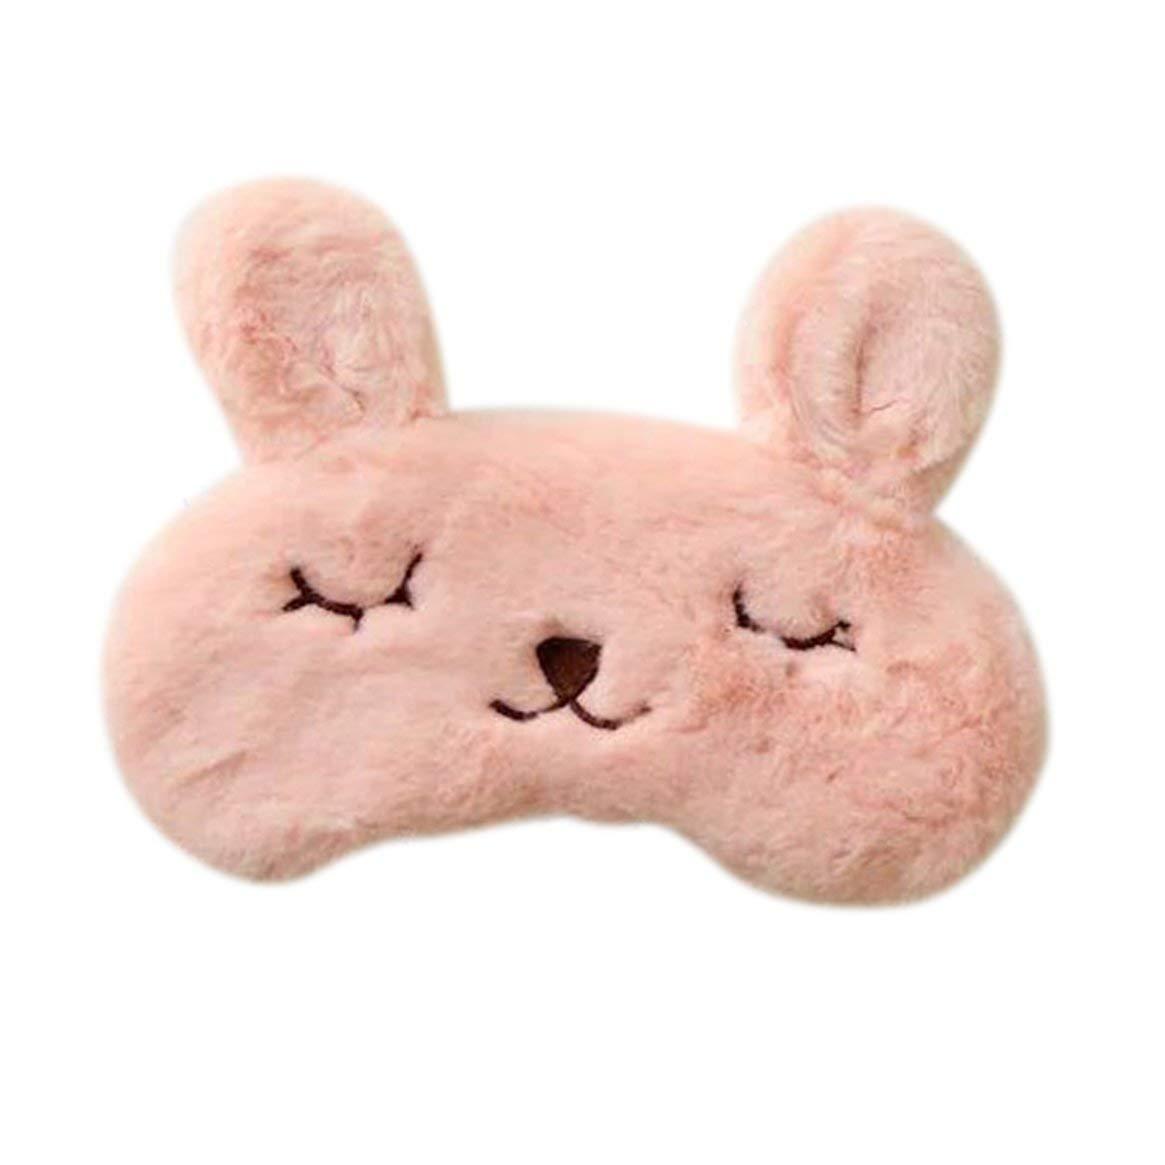 Delicacydex Encantador Conejo Lindo Diseño Máscara de Ojo Transpirable para Dormir Suave Acolchado Dormir Viajar Cubrir Cubierta Descanso Relajarse Dormir con los Ojos vendados - Naranja